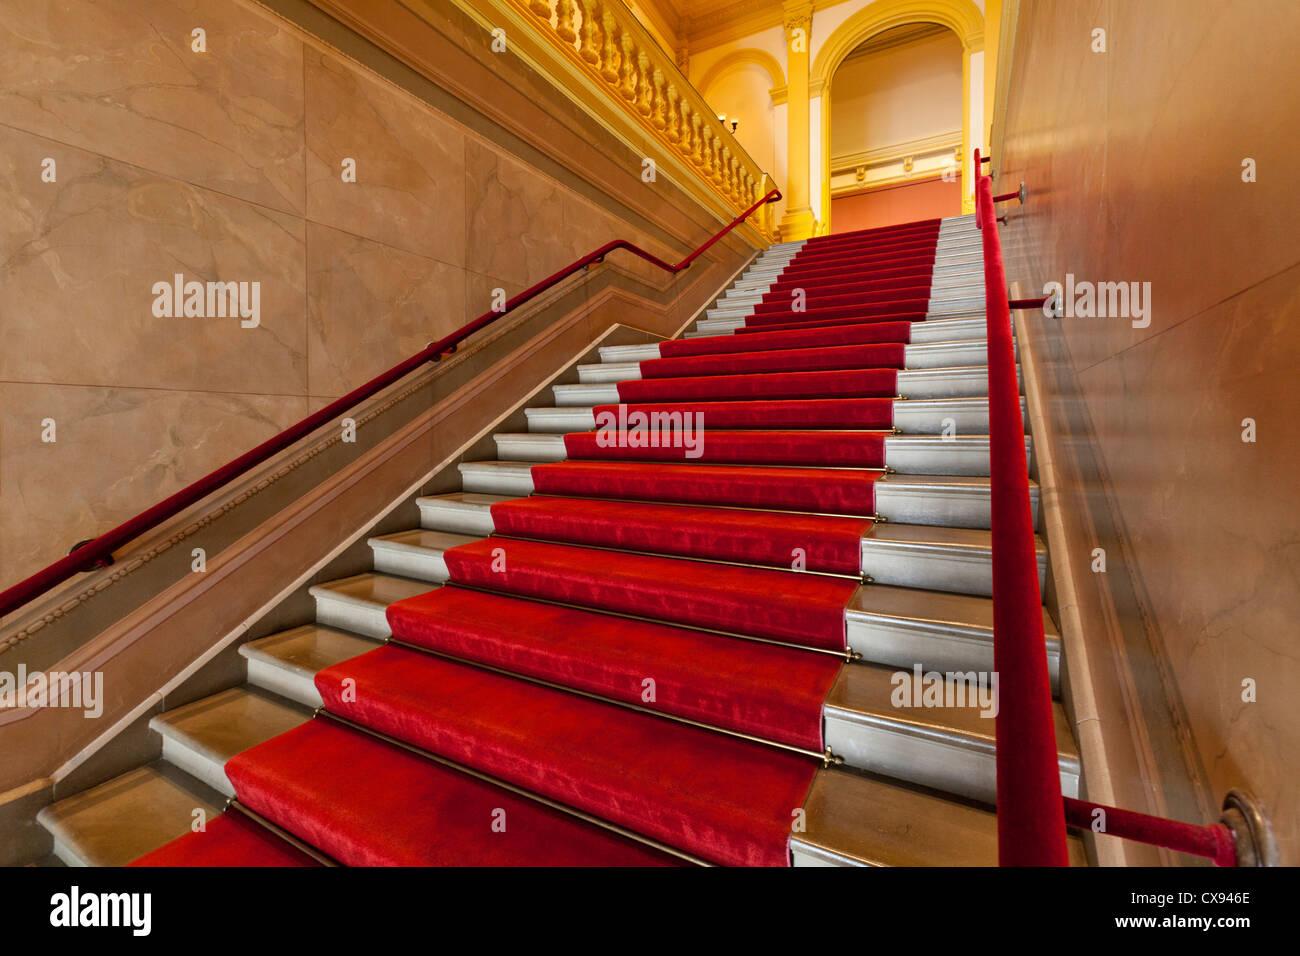 Roten Teppich ausgekleidet Treppen Stockbild